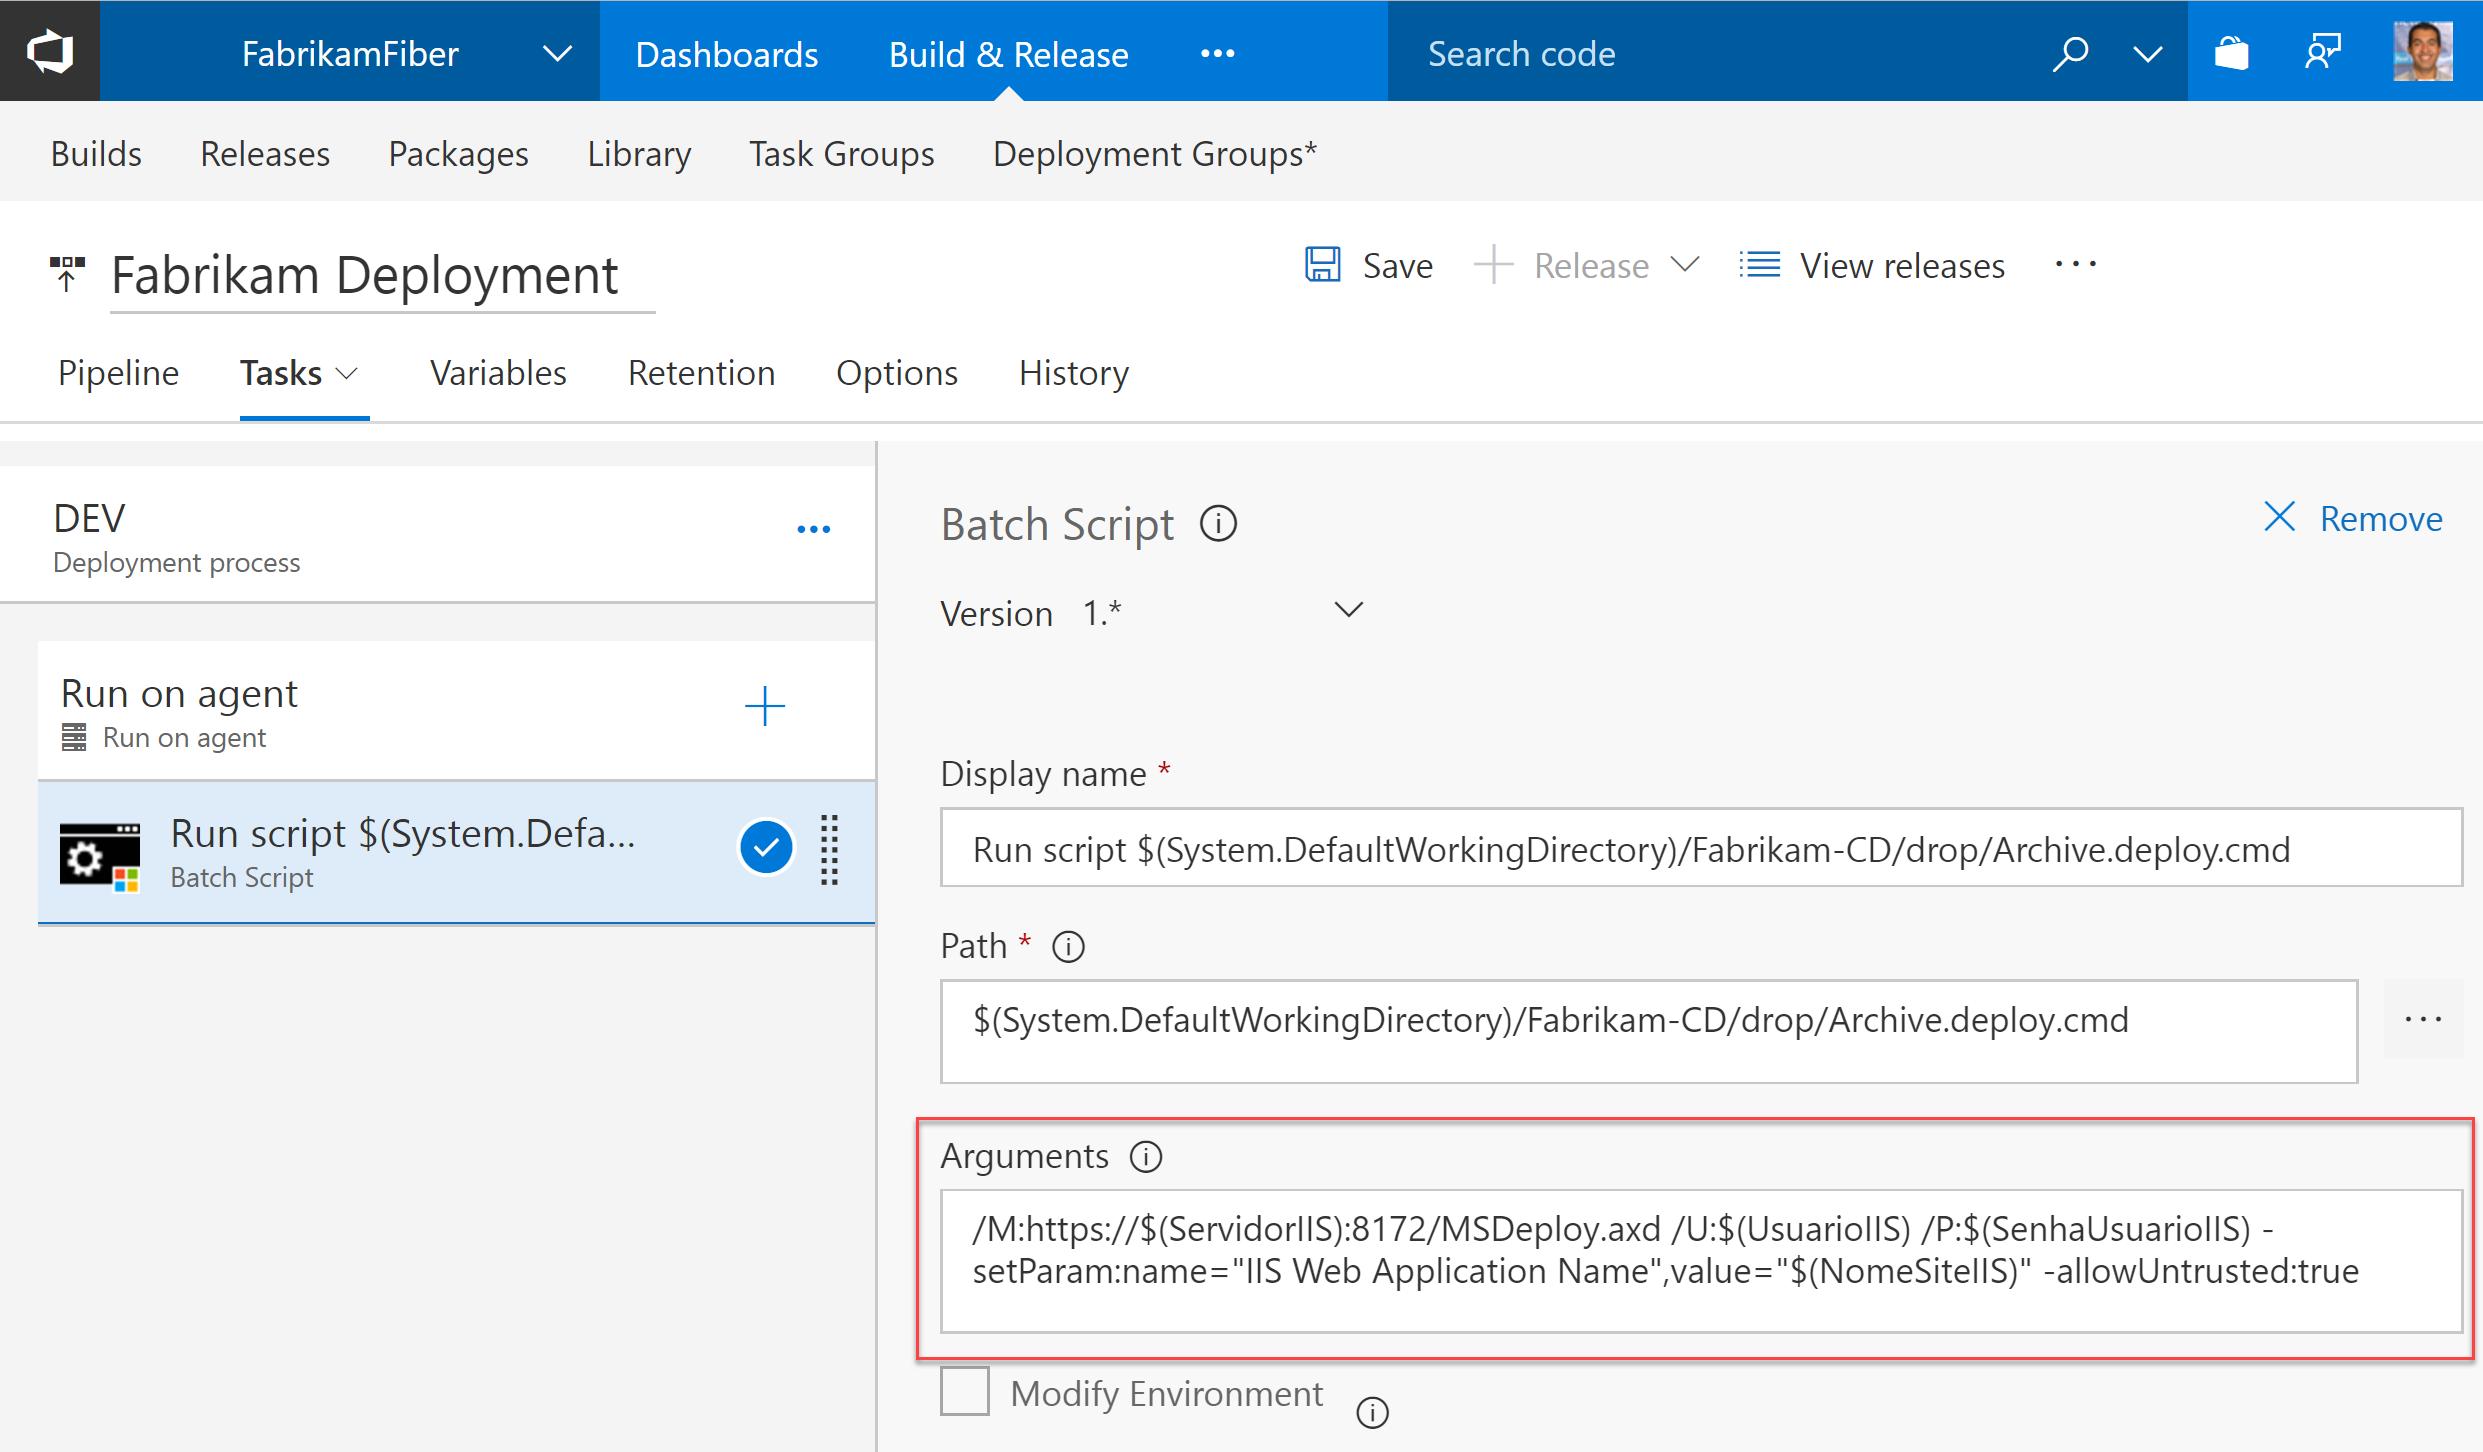 Task de Batch Script com a chamada ao script de Web Deploy. Note o argumento /M, com a indicação do URL apontando para o Web Deployment Handler no servidor de destino